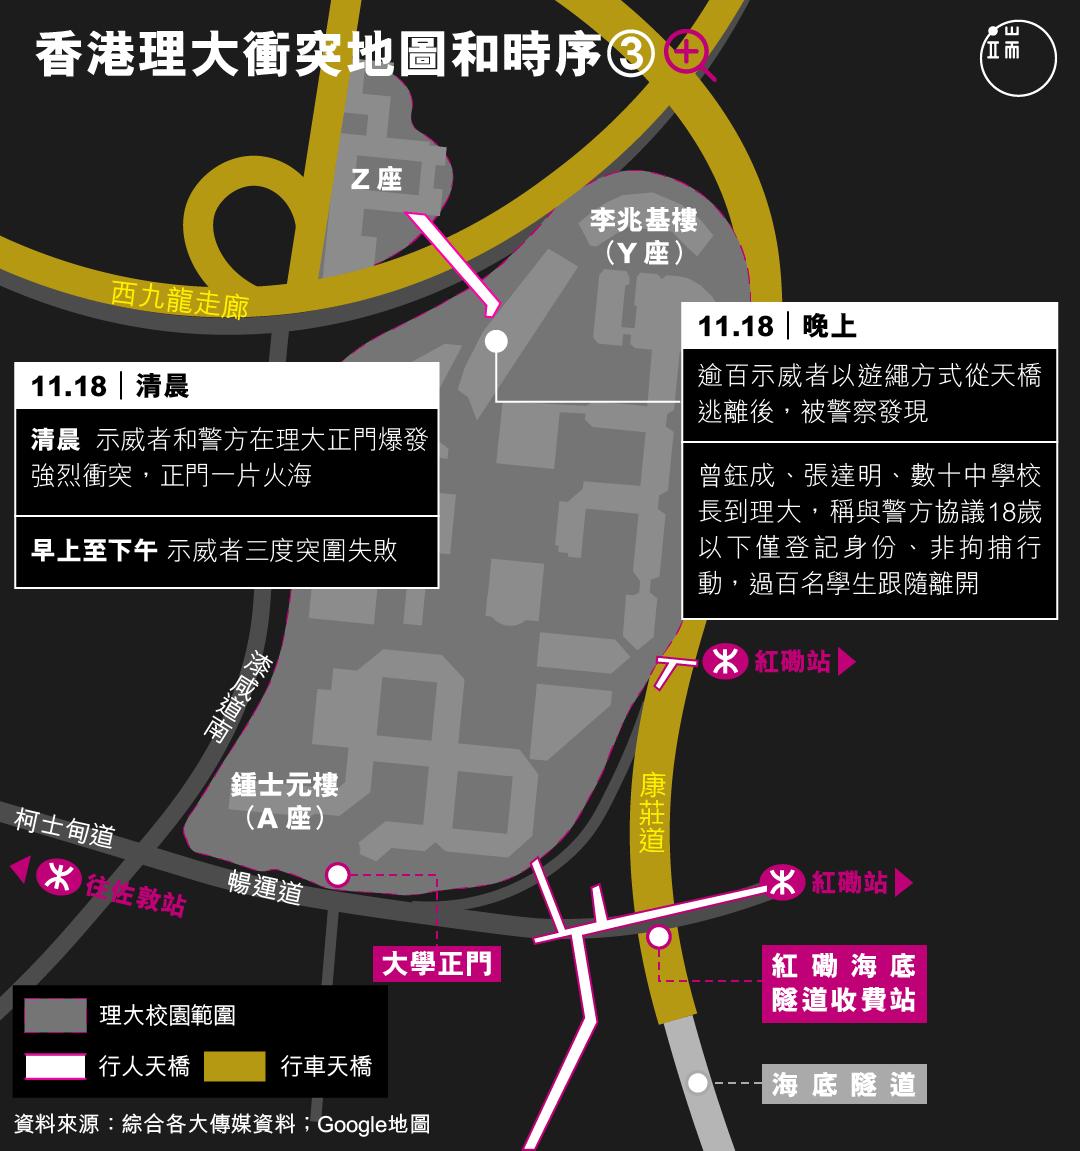 香港理大衝突地圖和時序(3-b)